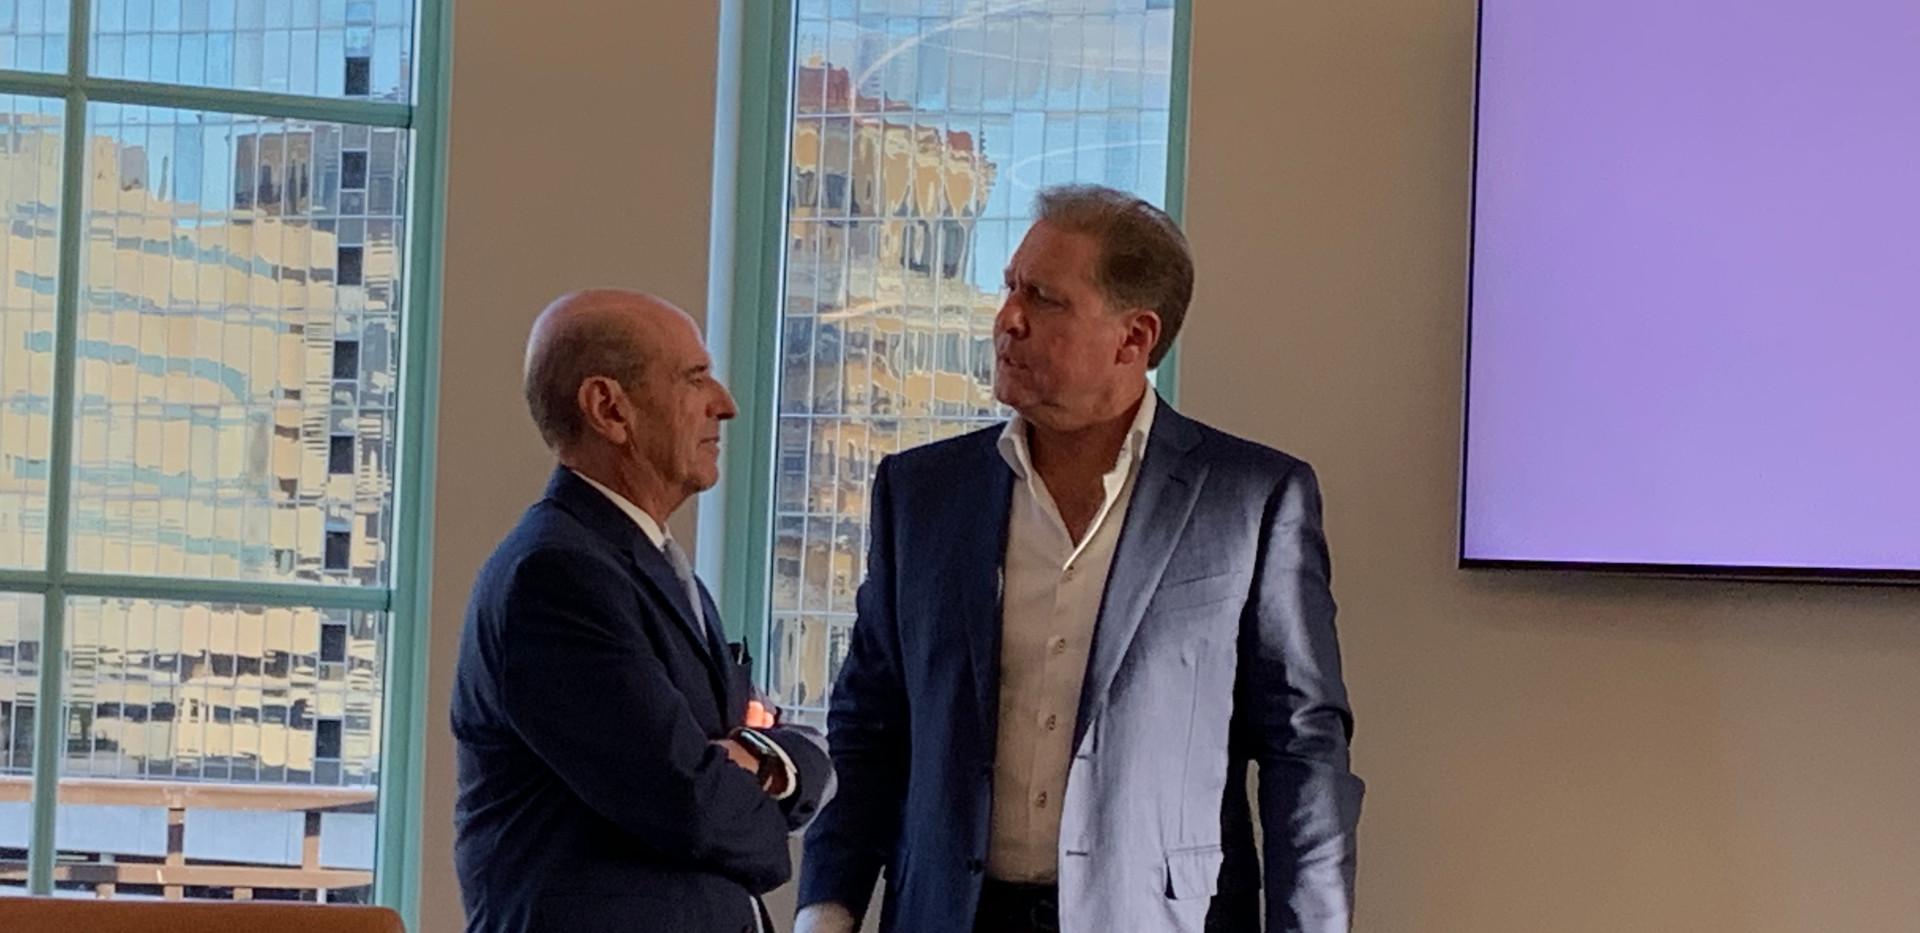 Rene Murai and Frank Carreras, Sr.